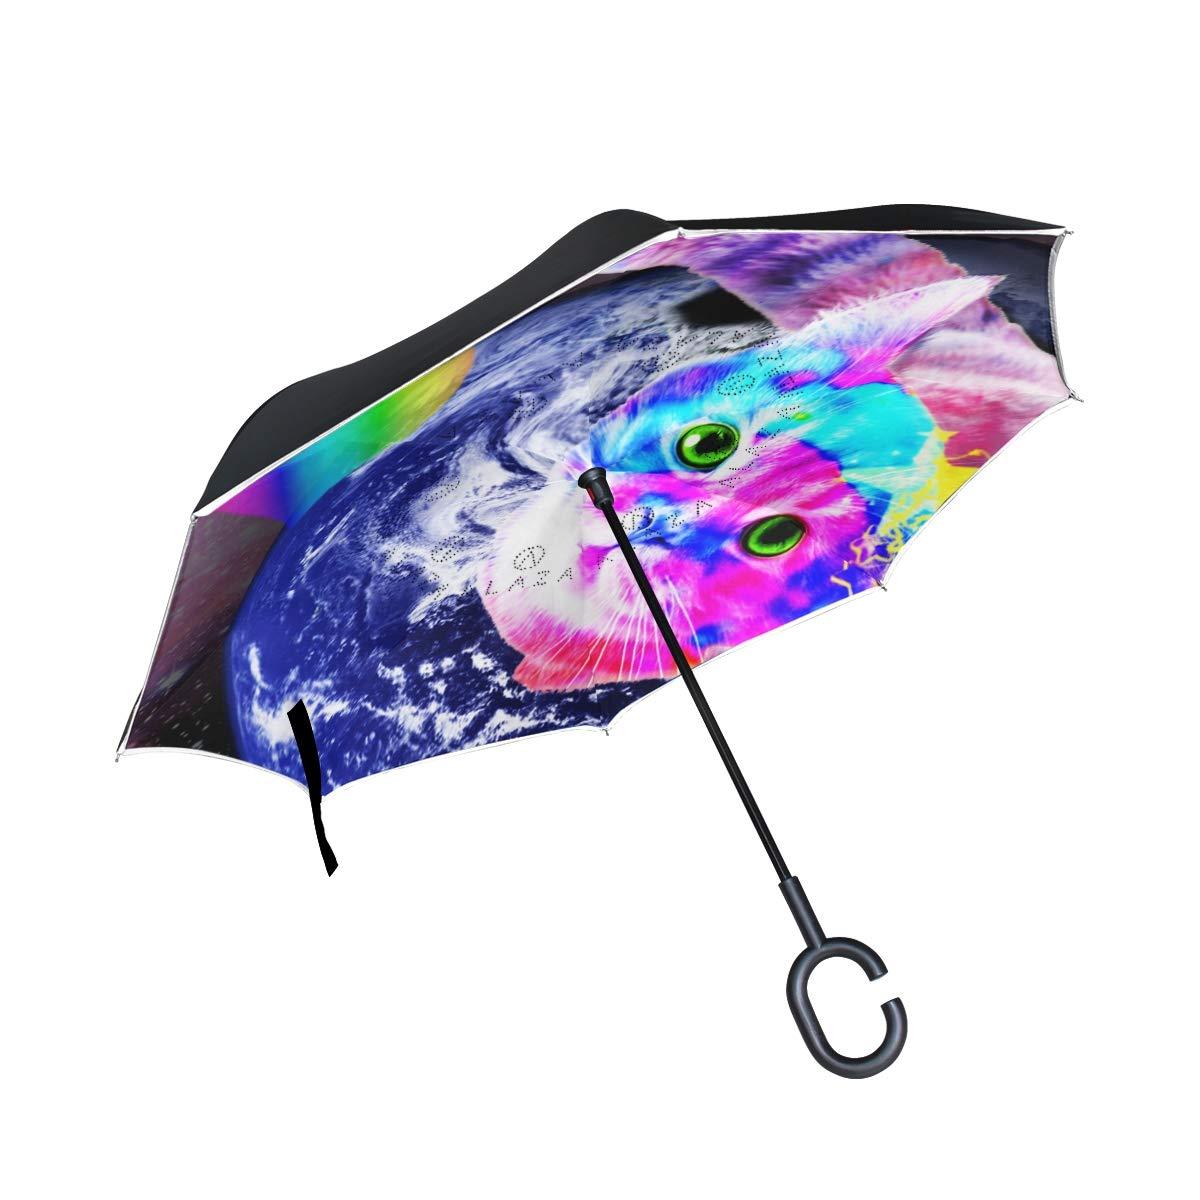 Ladninag 逆傘 かわいい フラミンゴ 反転傘 リバーシブル ゴルフ 車 旅行 雨 アウトドア ブラック One Size picture9 B07JYZQ712